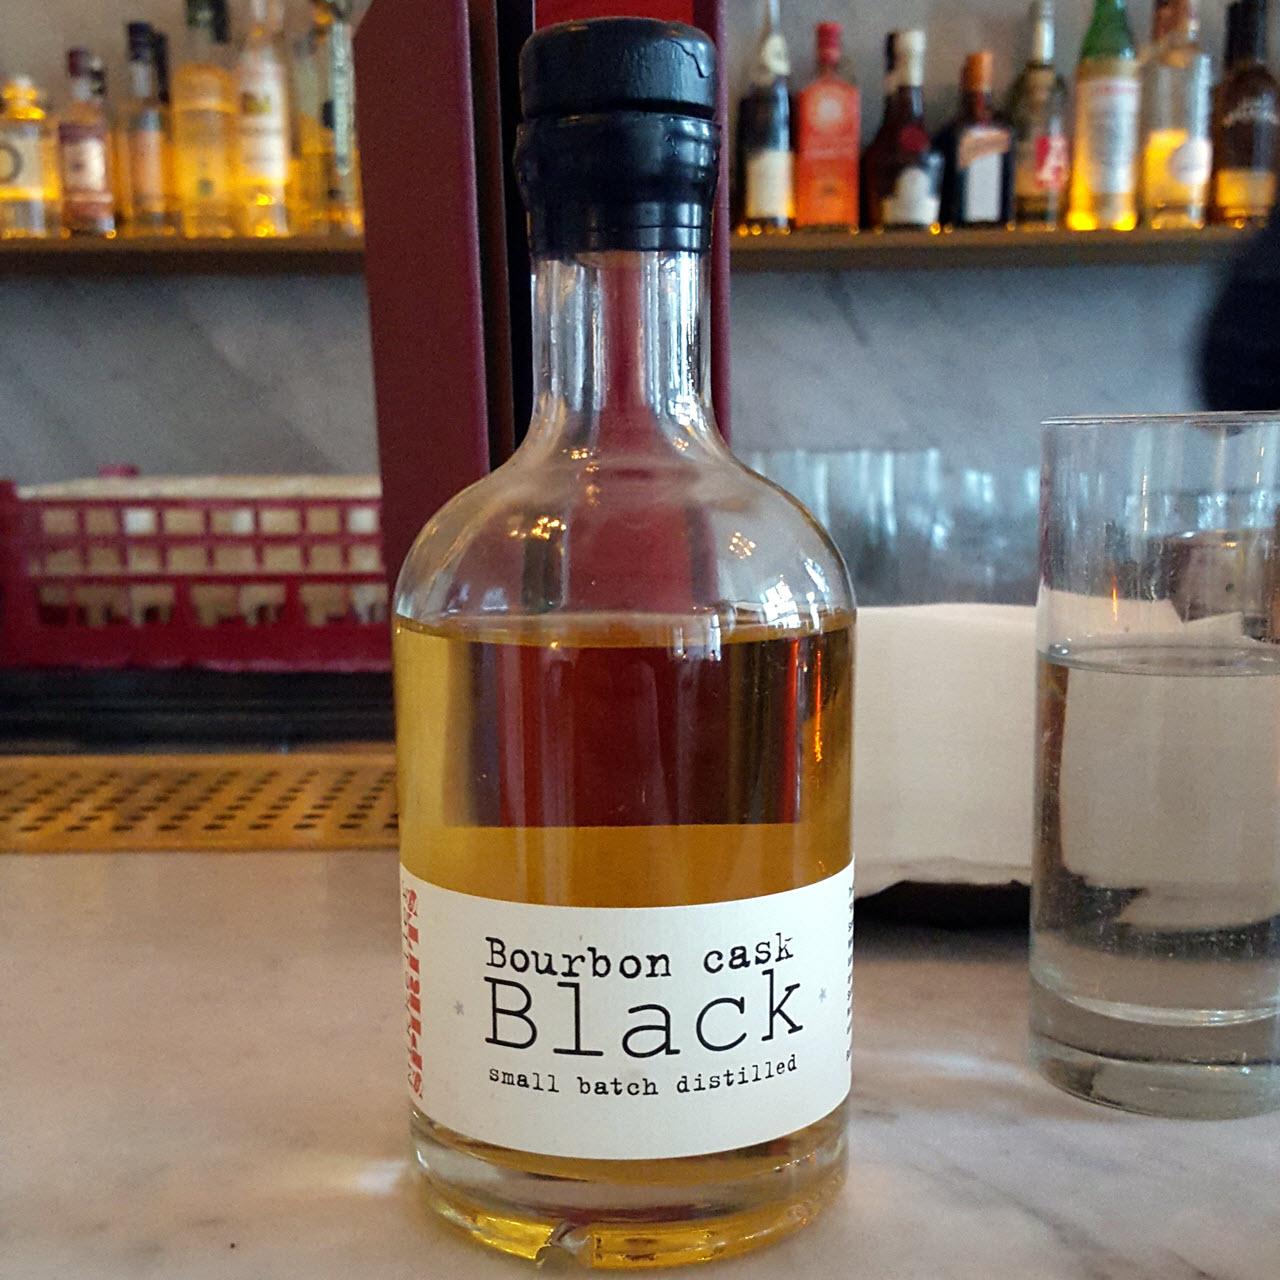 mikkeller_bourbon_cask_black.jpg